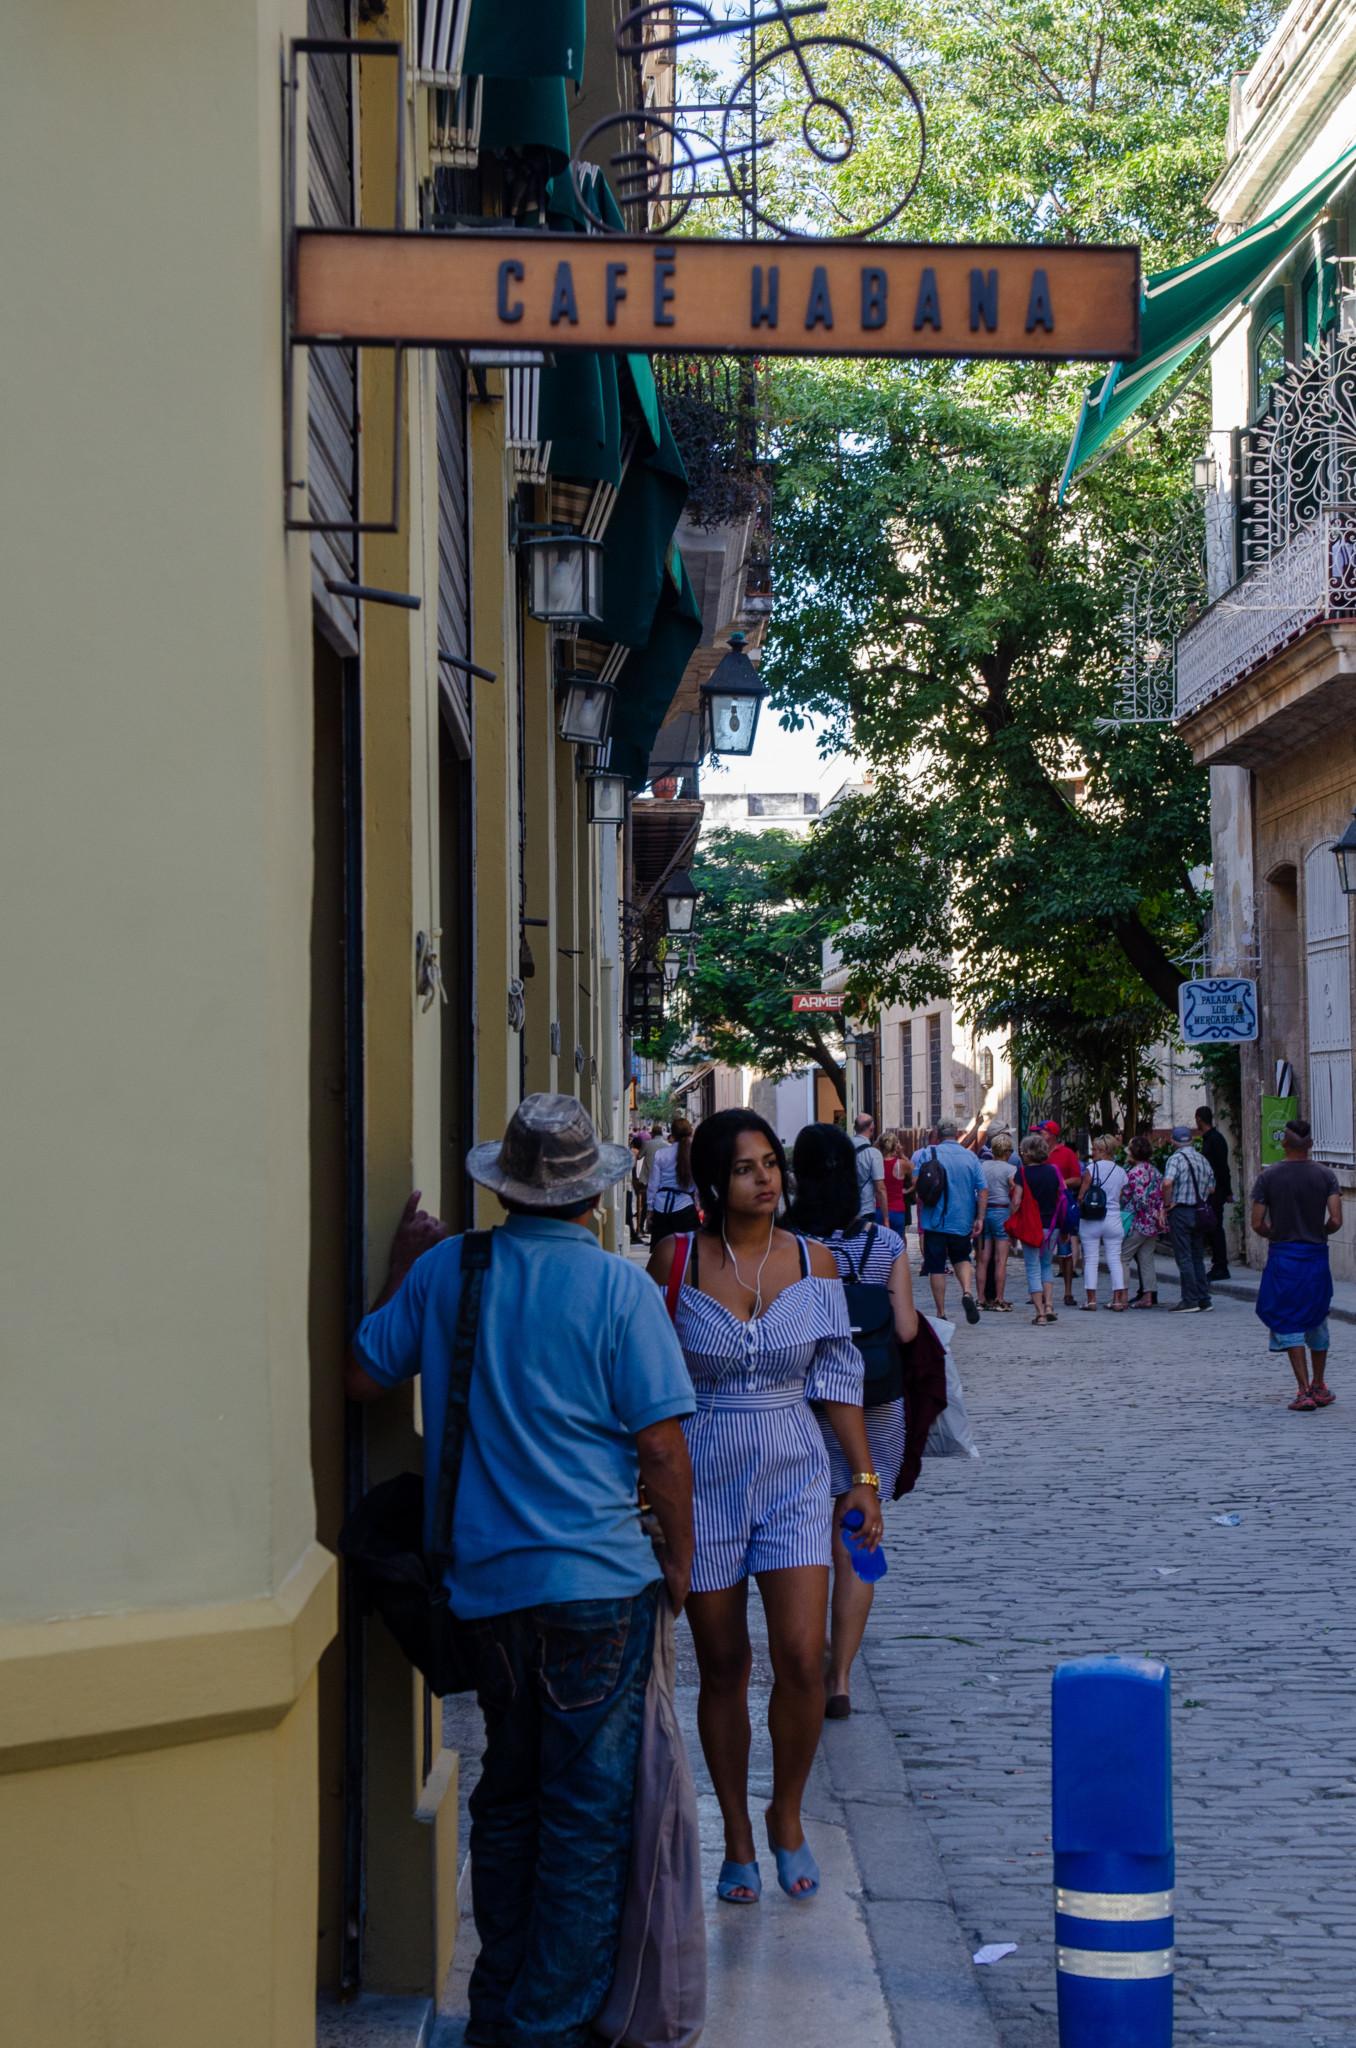 Café Habana in Habana Vieja